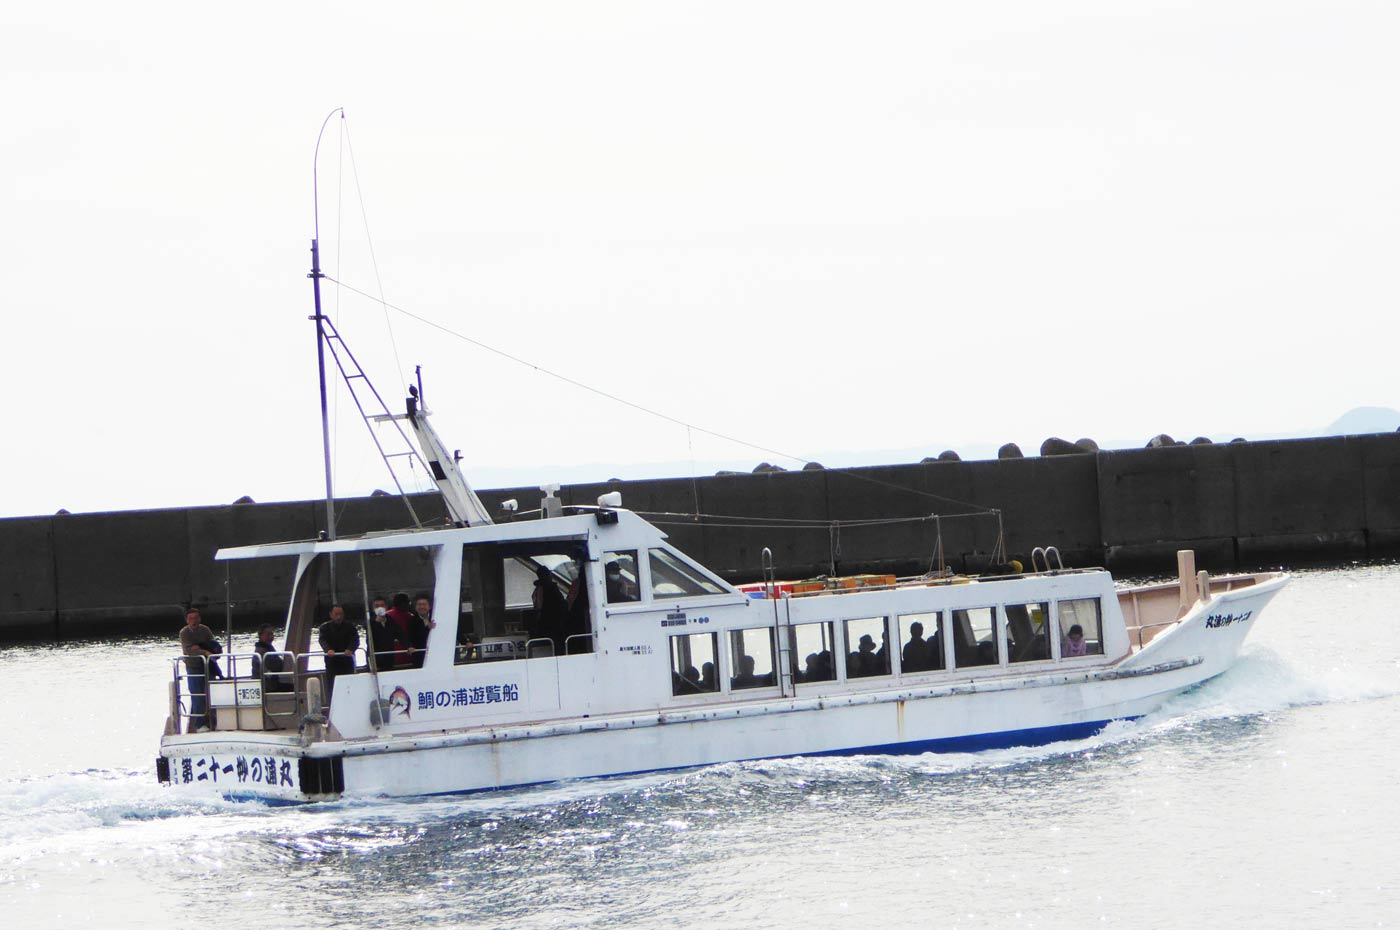 鯛の浦遊覧船の画像